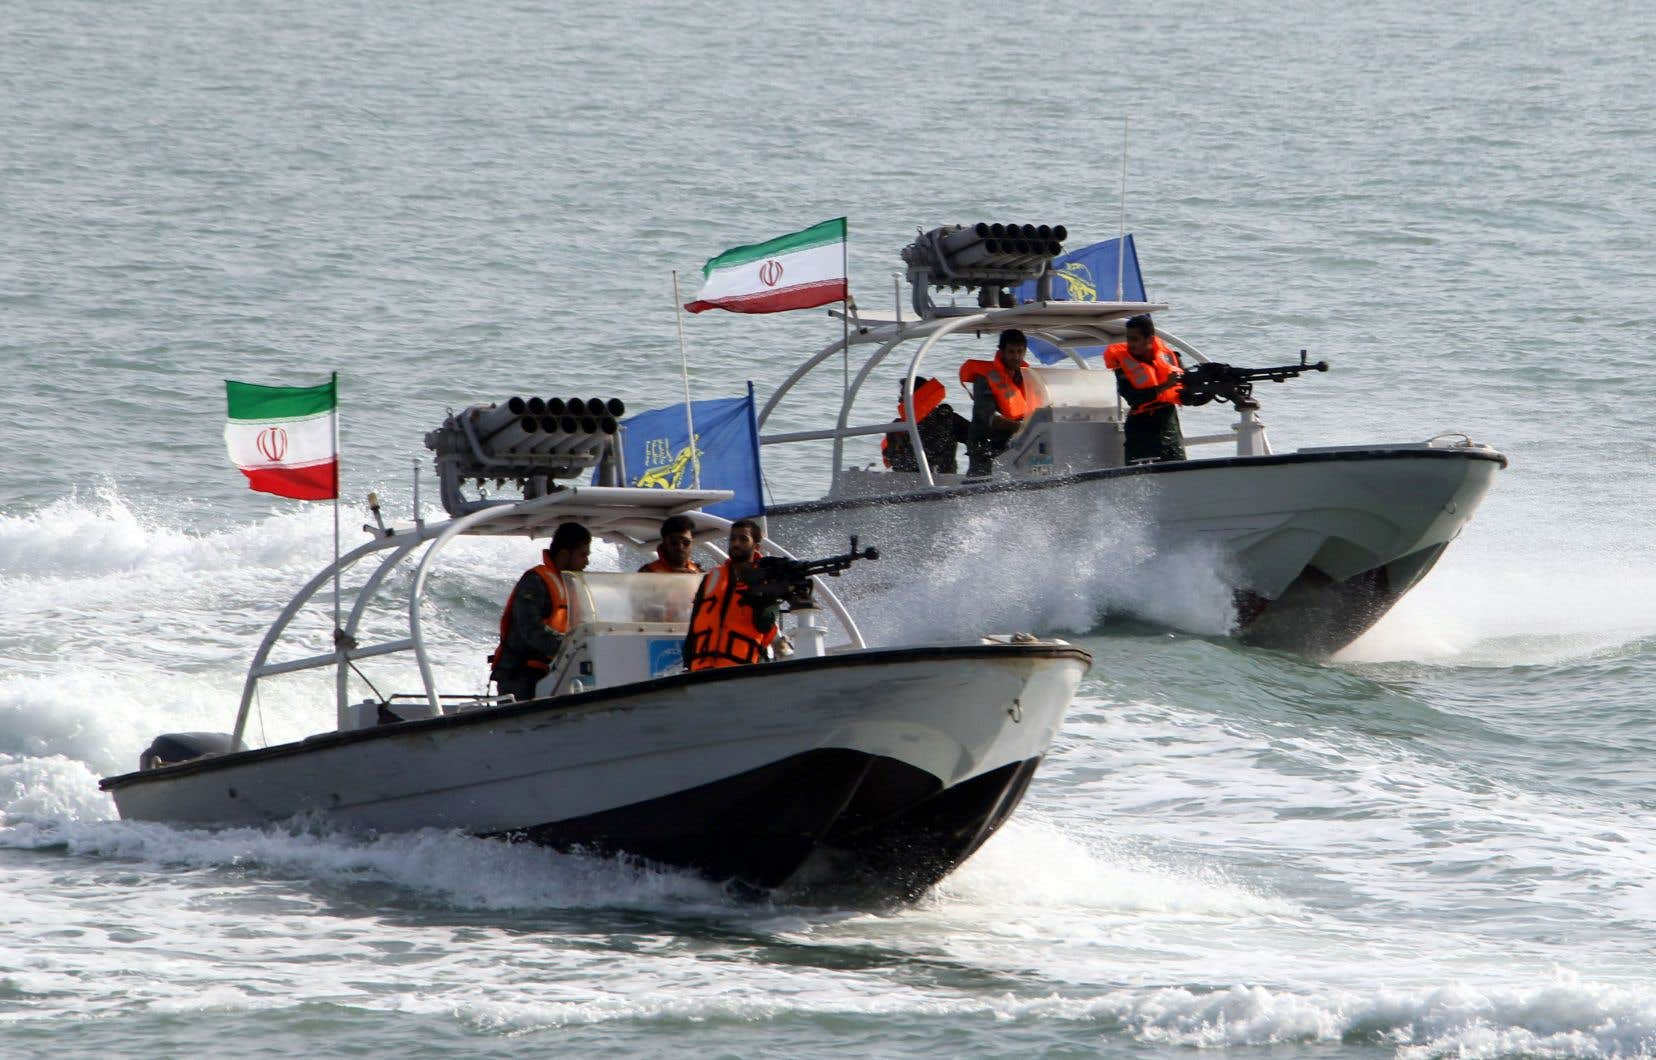 «Le Stena Impero» a été arraisonné vendredi par la force navale des Gardiens de la Révolution, l'armée idéologique de la République islamique. Il s'agit du deuxième navire dont l'Iran annonce la saisie en moins d'une semaine dans le détroit d'Ormuz.